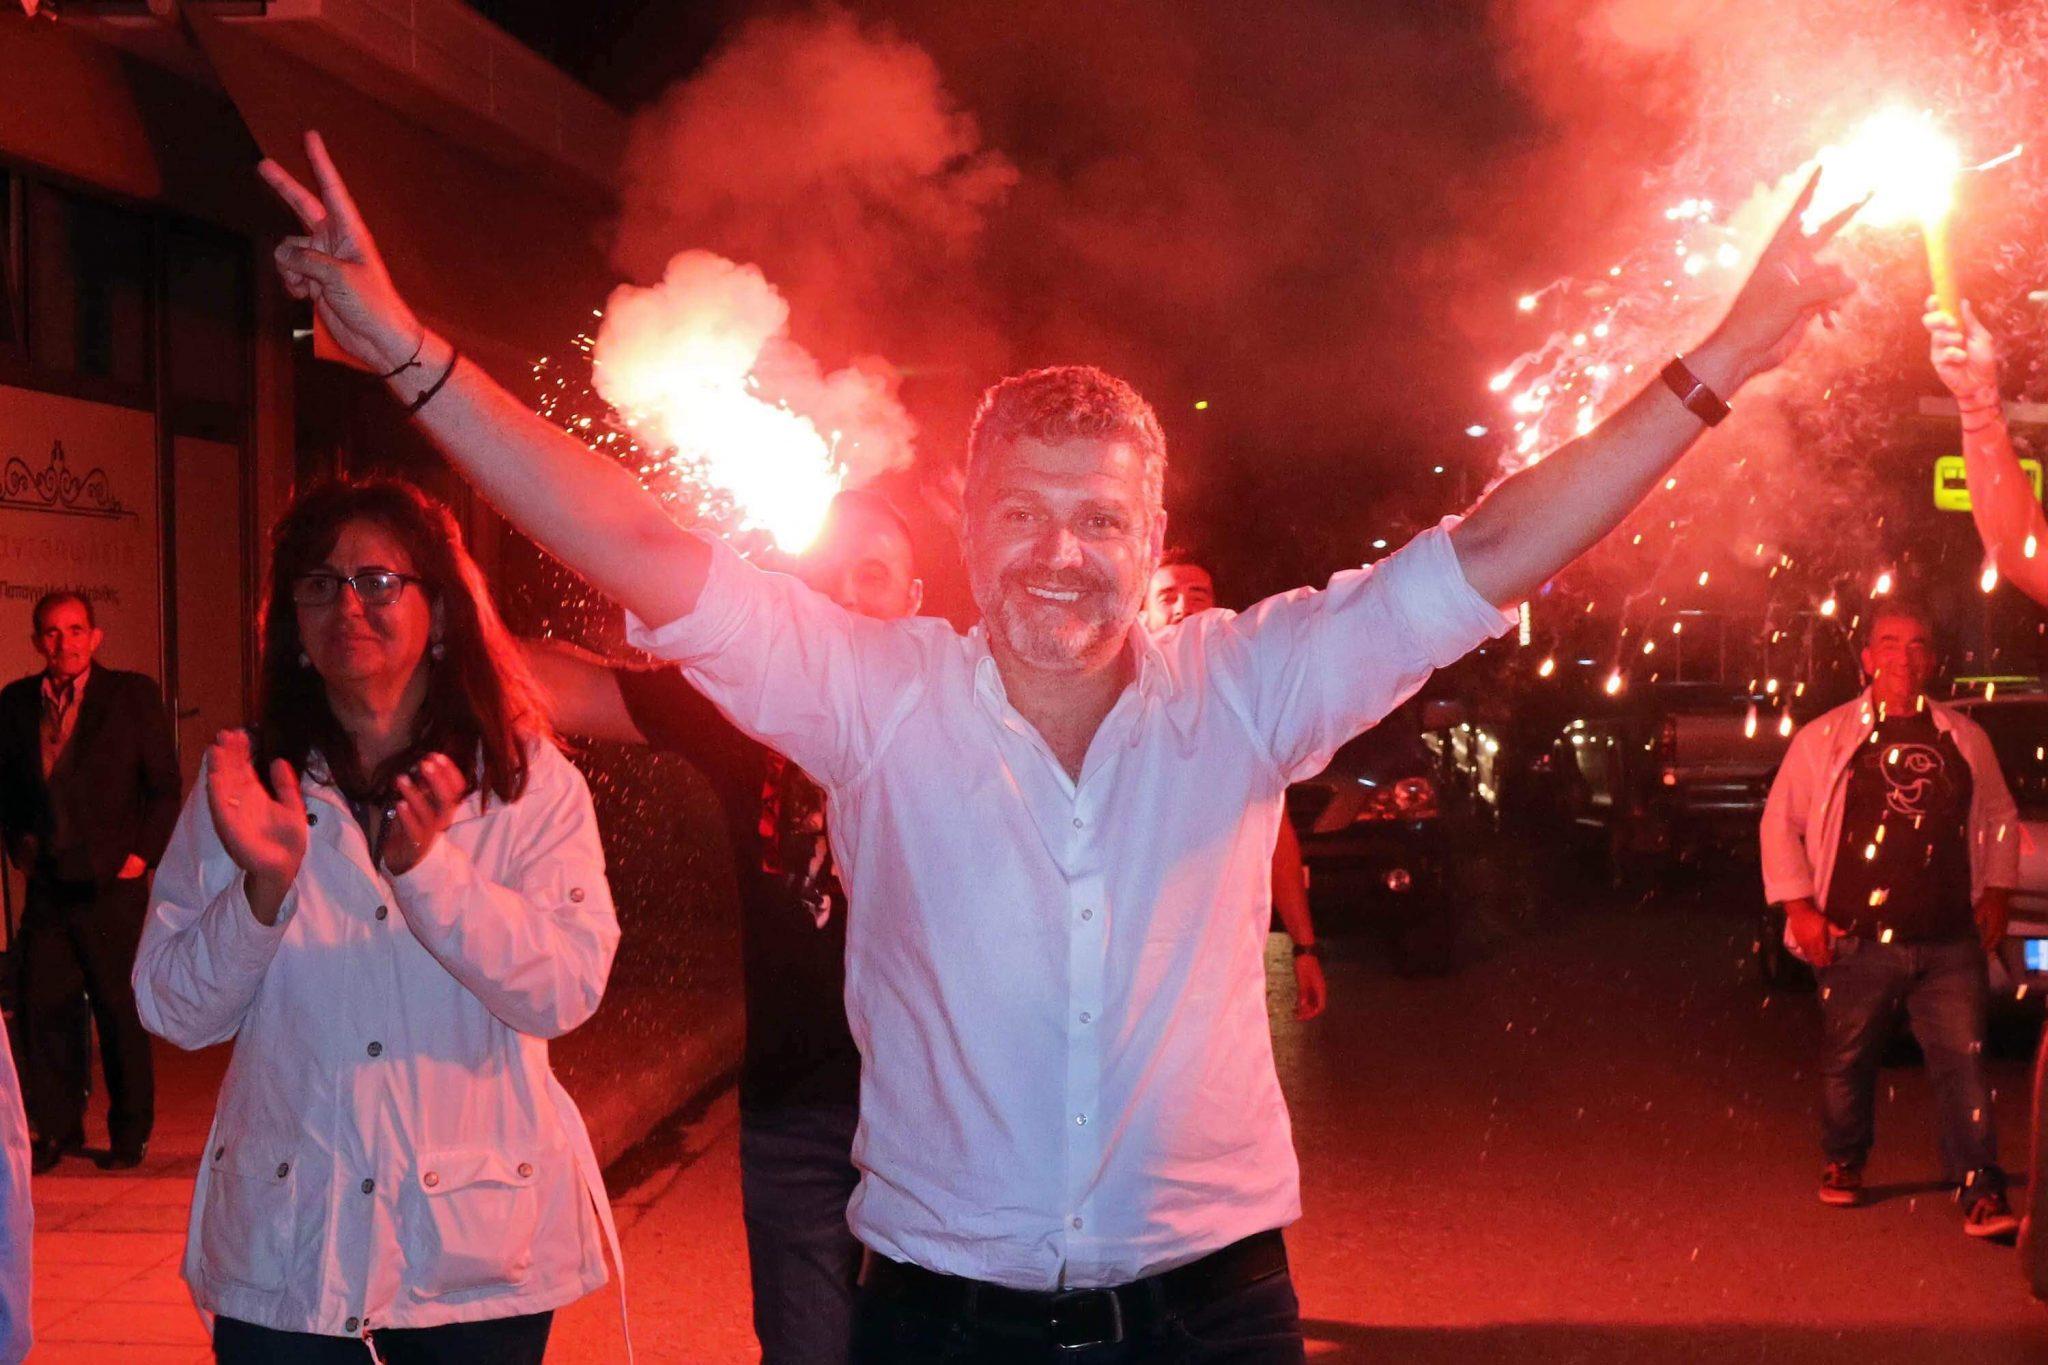 Εκλέγεται και πάλι δήμαρχος Αγιάς ο Αντώνης Γκουντάρας (ΦΩΤΟ)